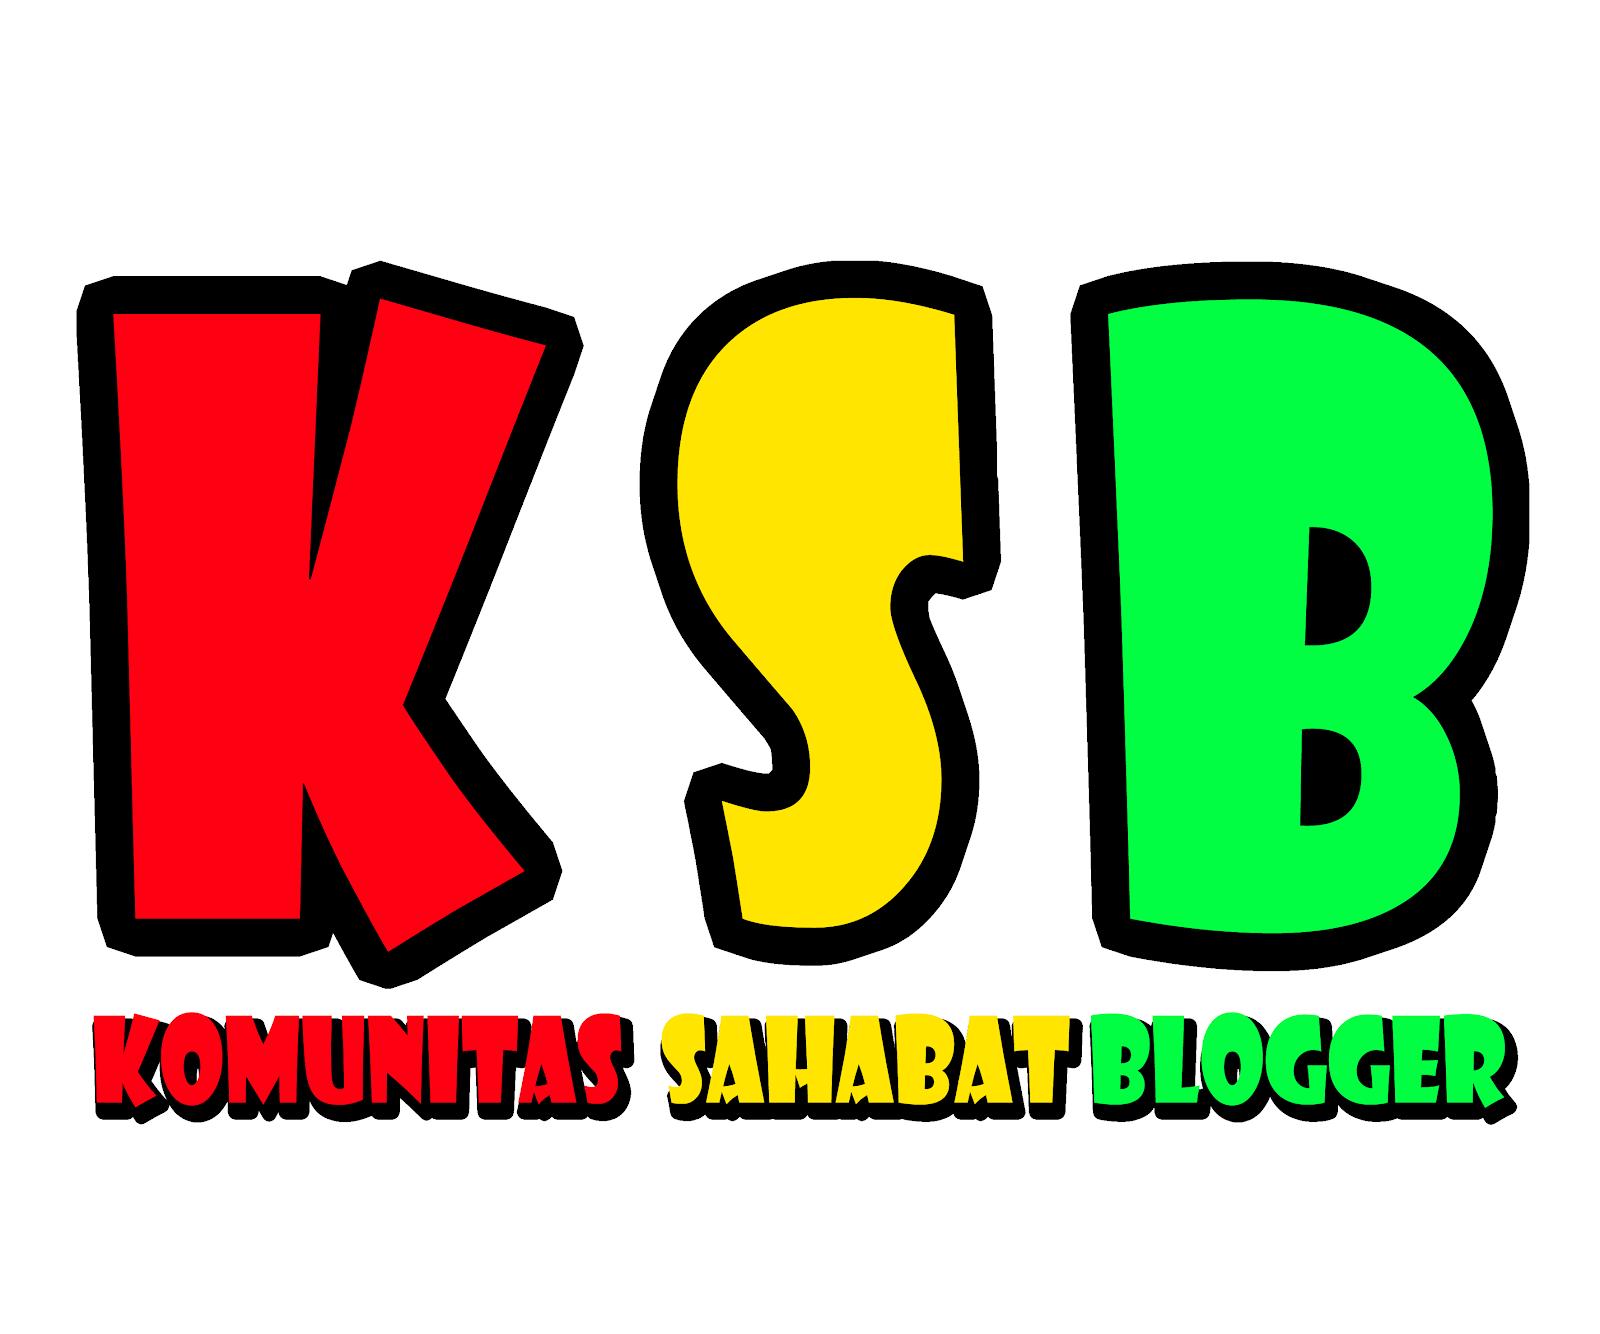 Komunitas Sahabat Blogger